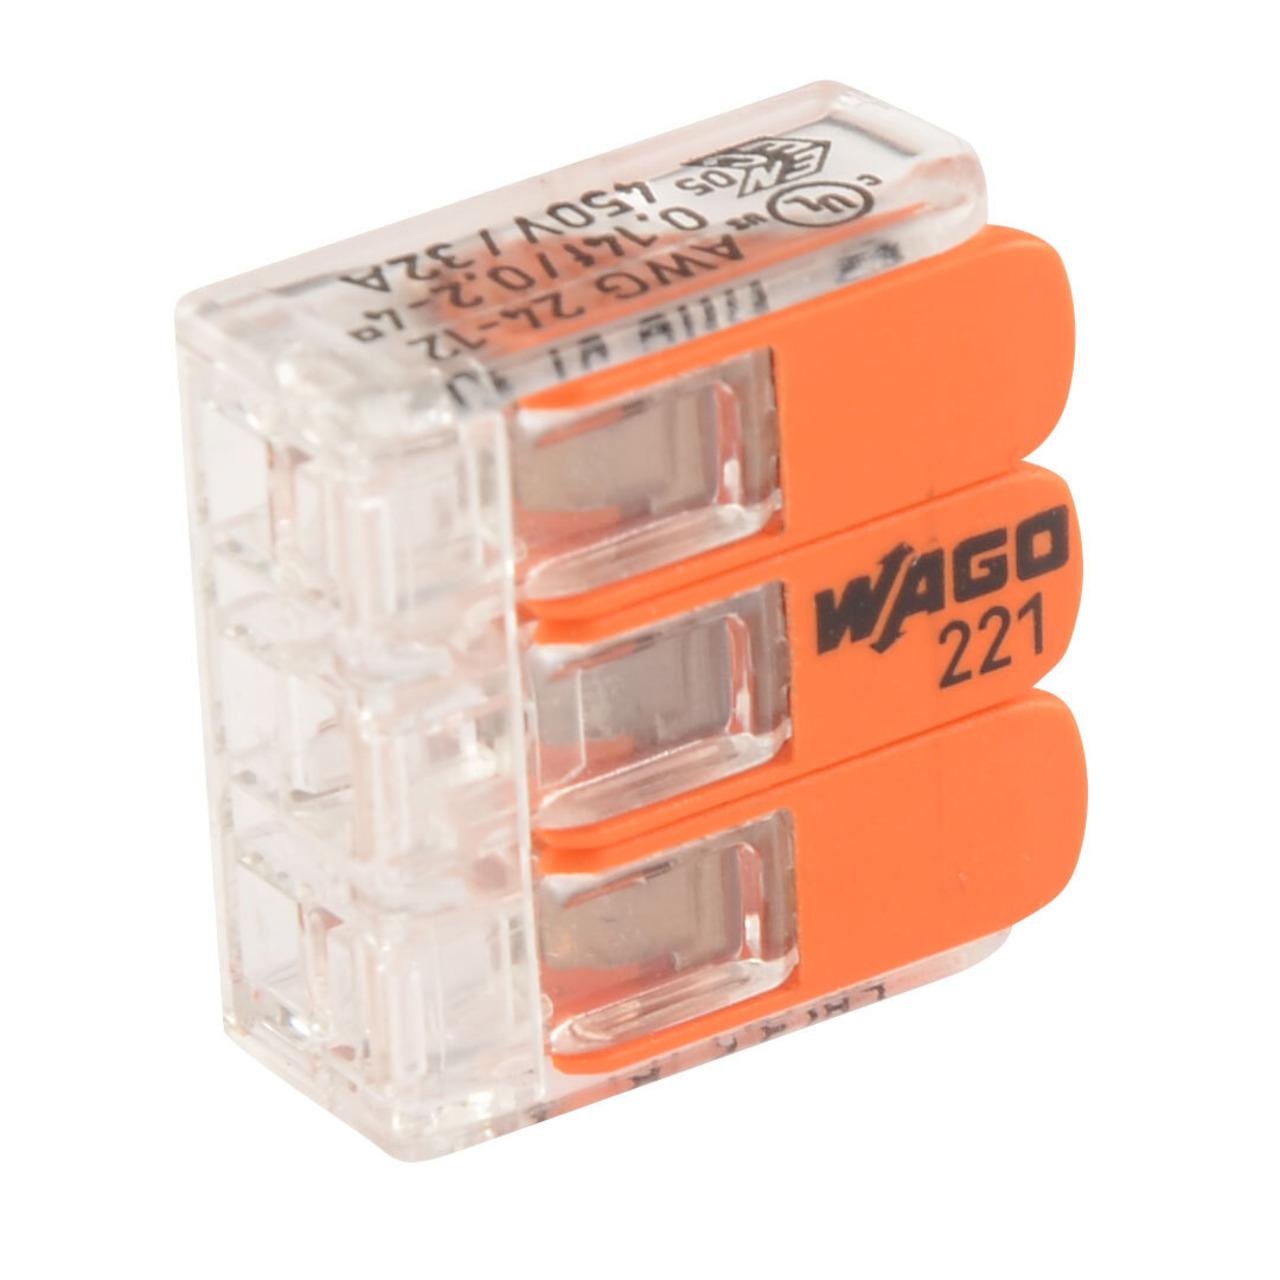 Wago 221-413 COMPACT Verbindungsklemme 3 x 4 mm- 50 Stück